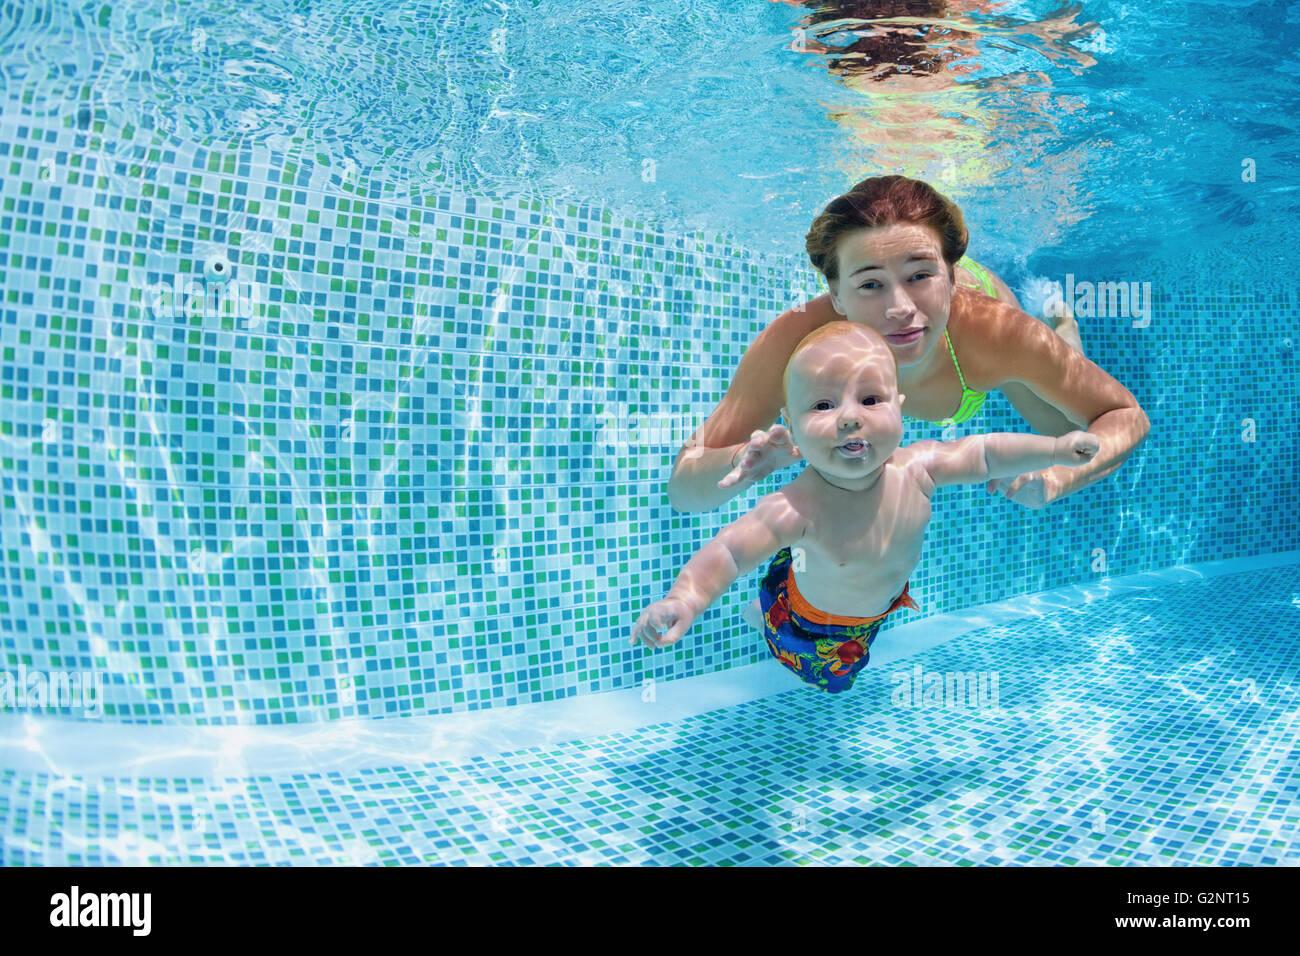 Bambino lezione di nuoto - baby con la madre imparare a nuotare e tuffarsi underwater in piscina. Immagini Stock